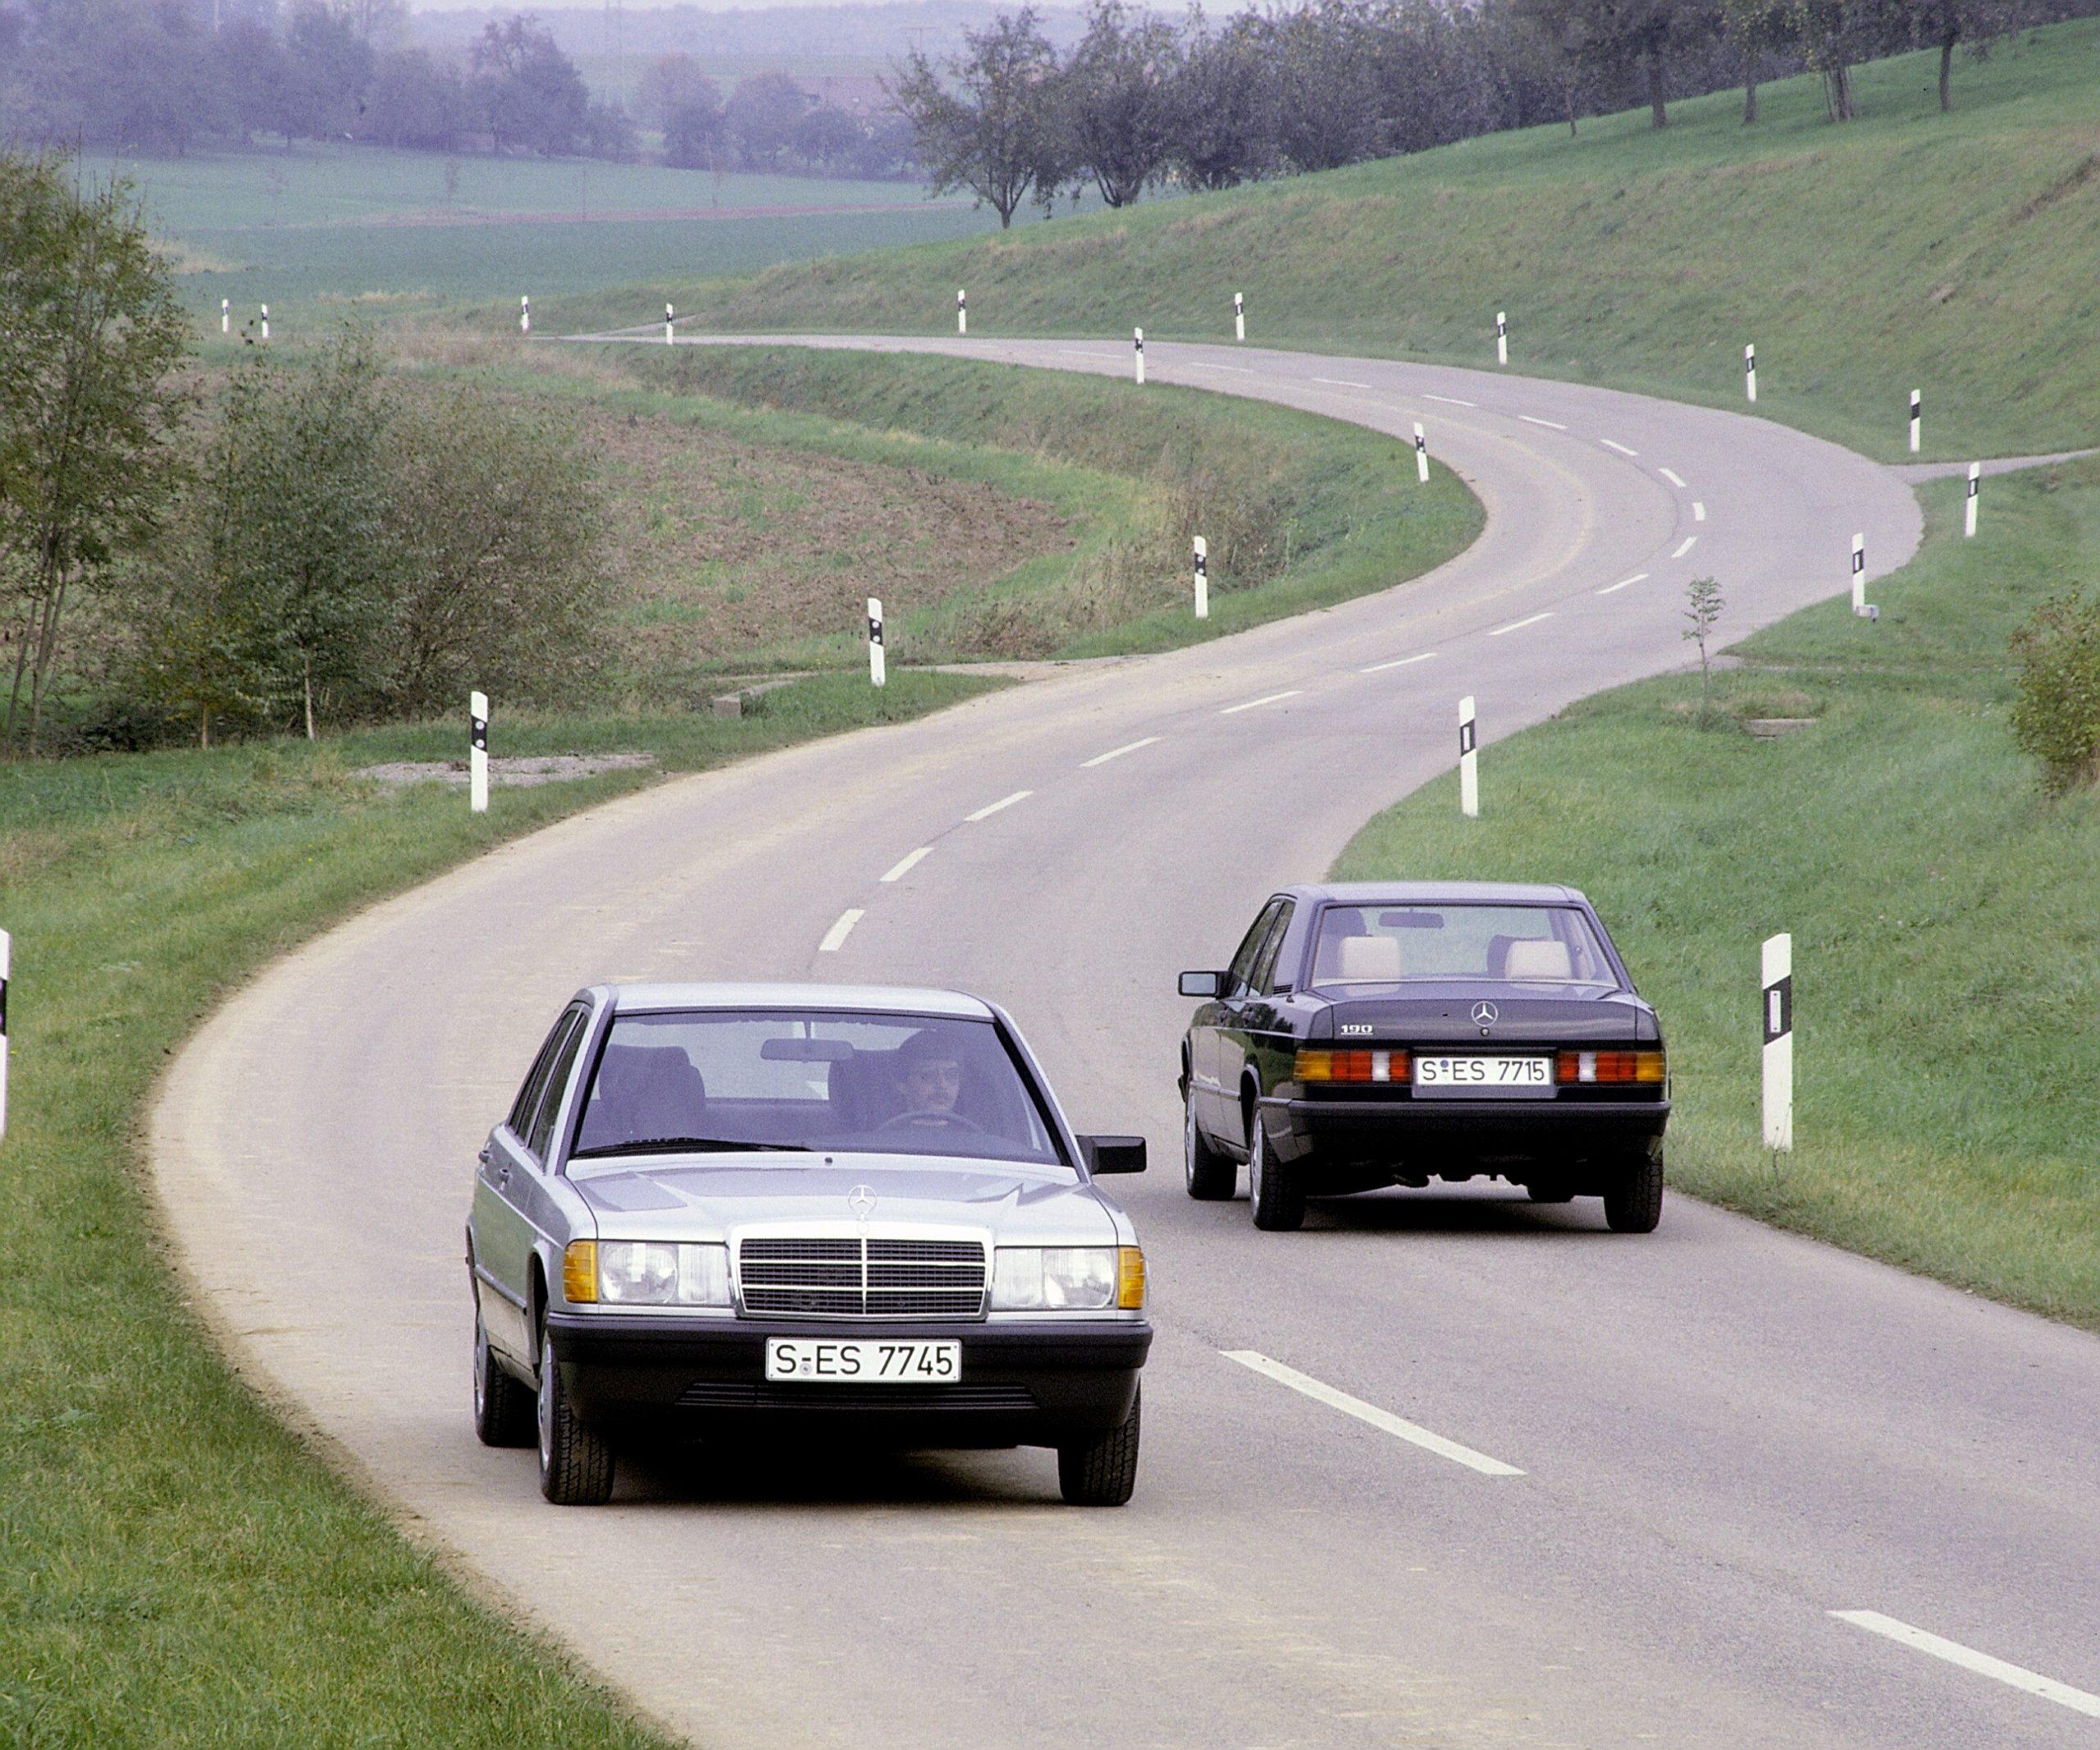 Mercedes-Benz Kompaktklasse Limousinen der Baureihe W 201 (Produktionszeitraum 1982 bis 1993). Fahraufnahme.